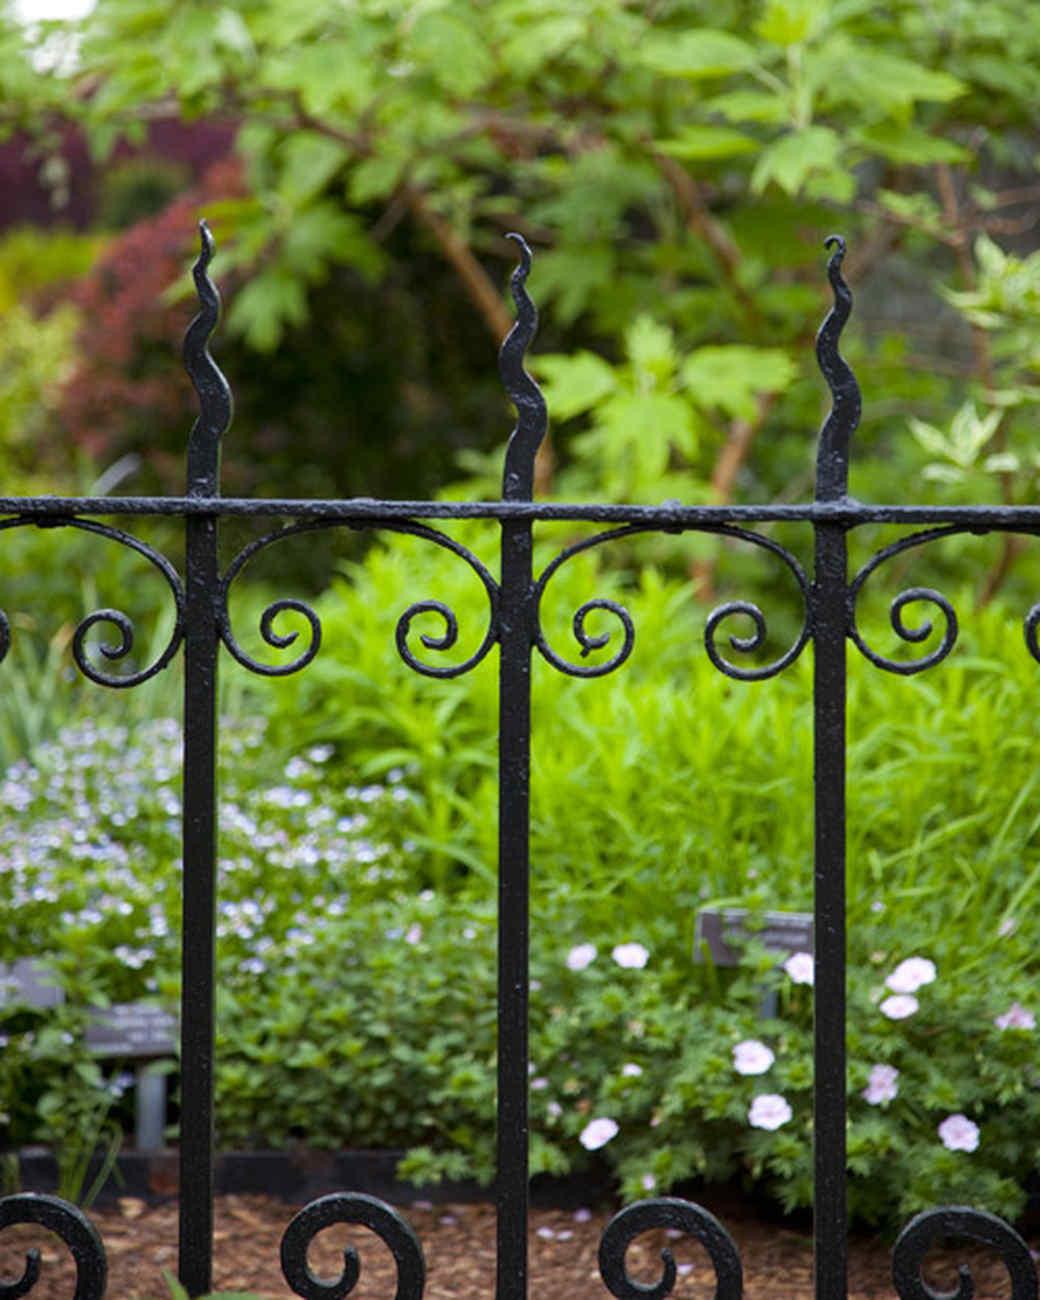 ms_edible_garden_mg_0164.jpg